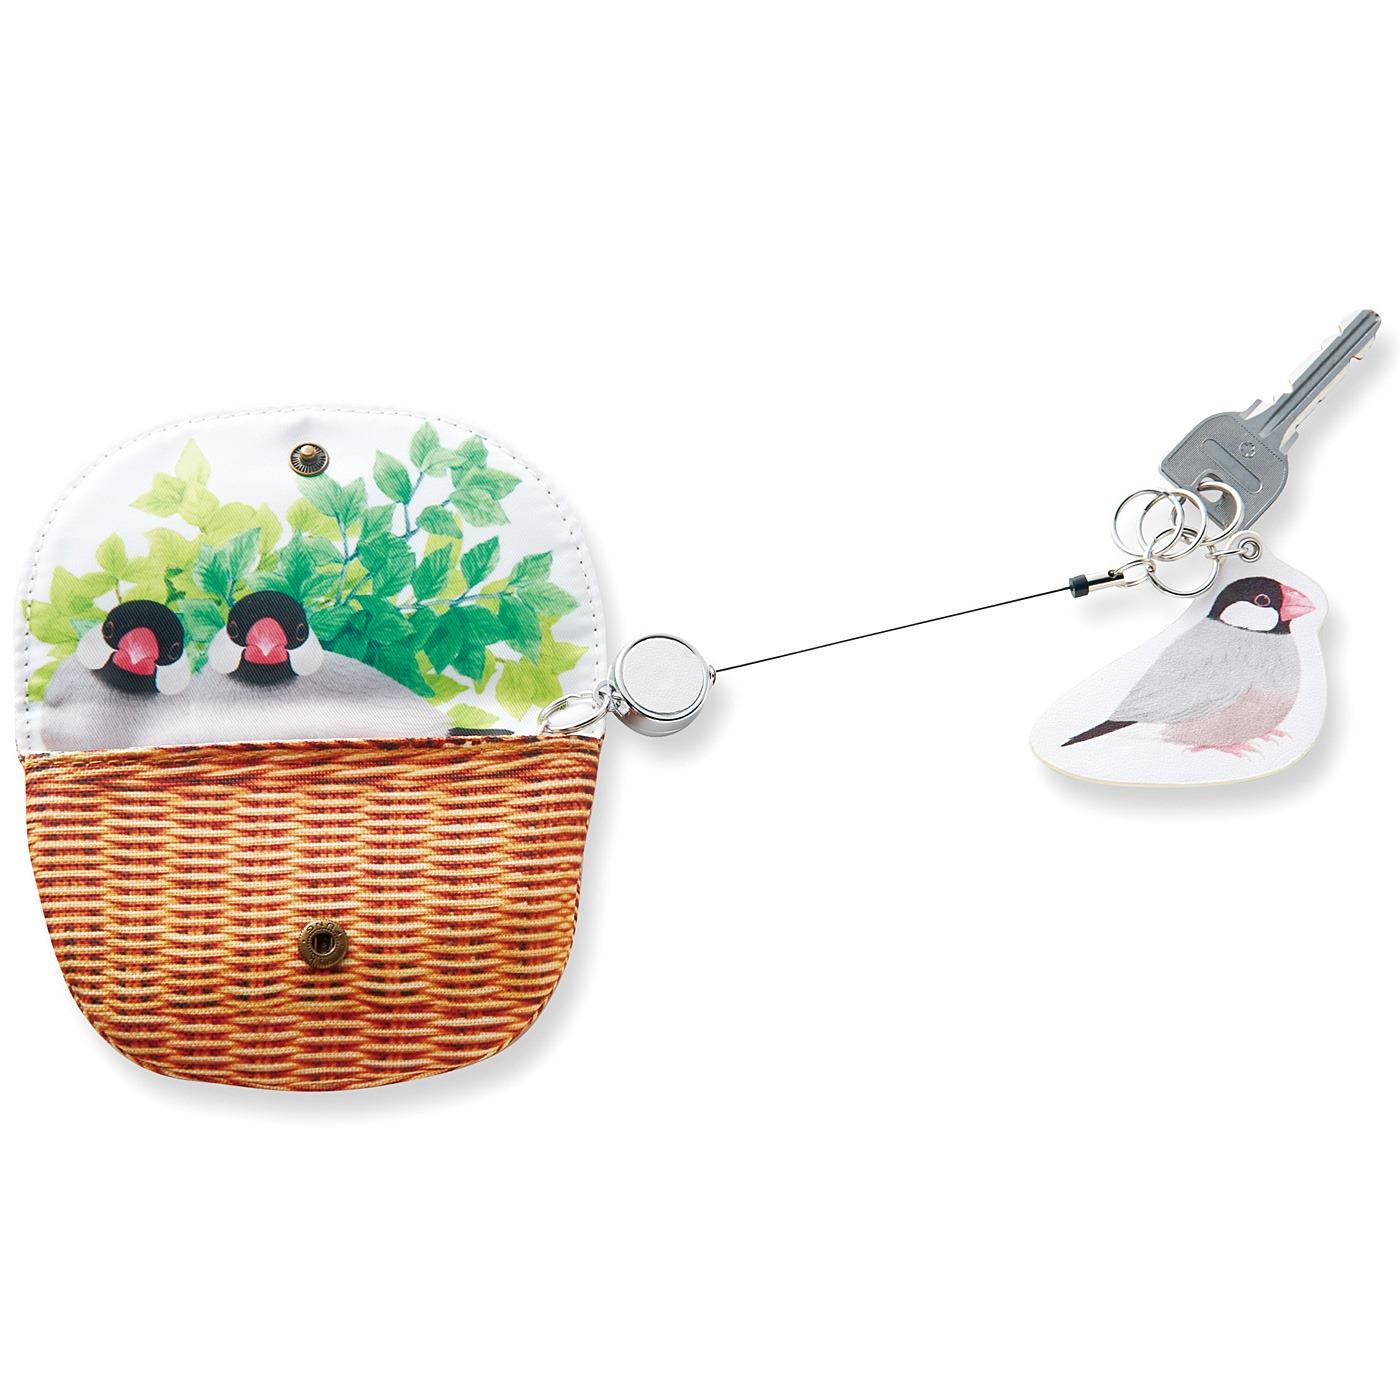 〈桜文鳥〉かぎのほか、ICカードなどのカード類もぴったり収まるサイズ。 かぎを付けるリングが3個ついています。